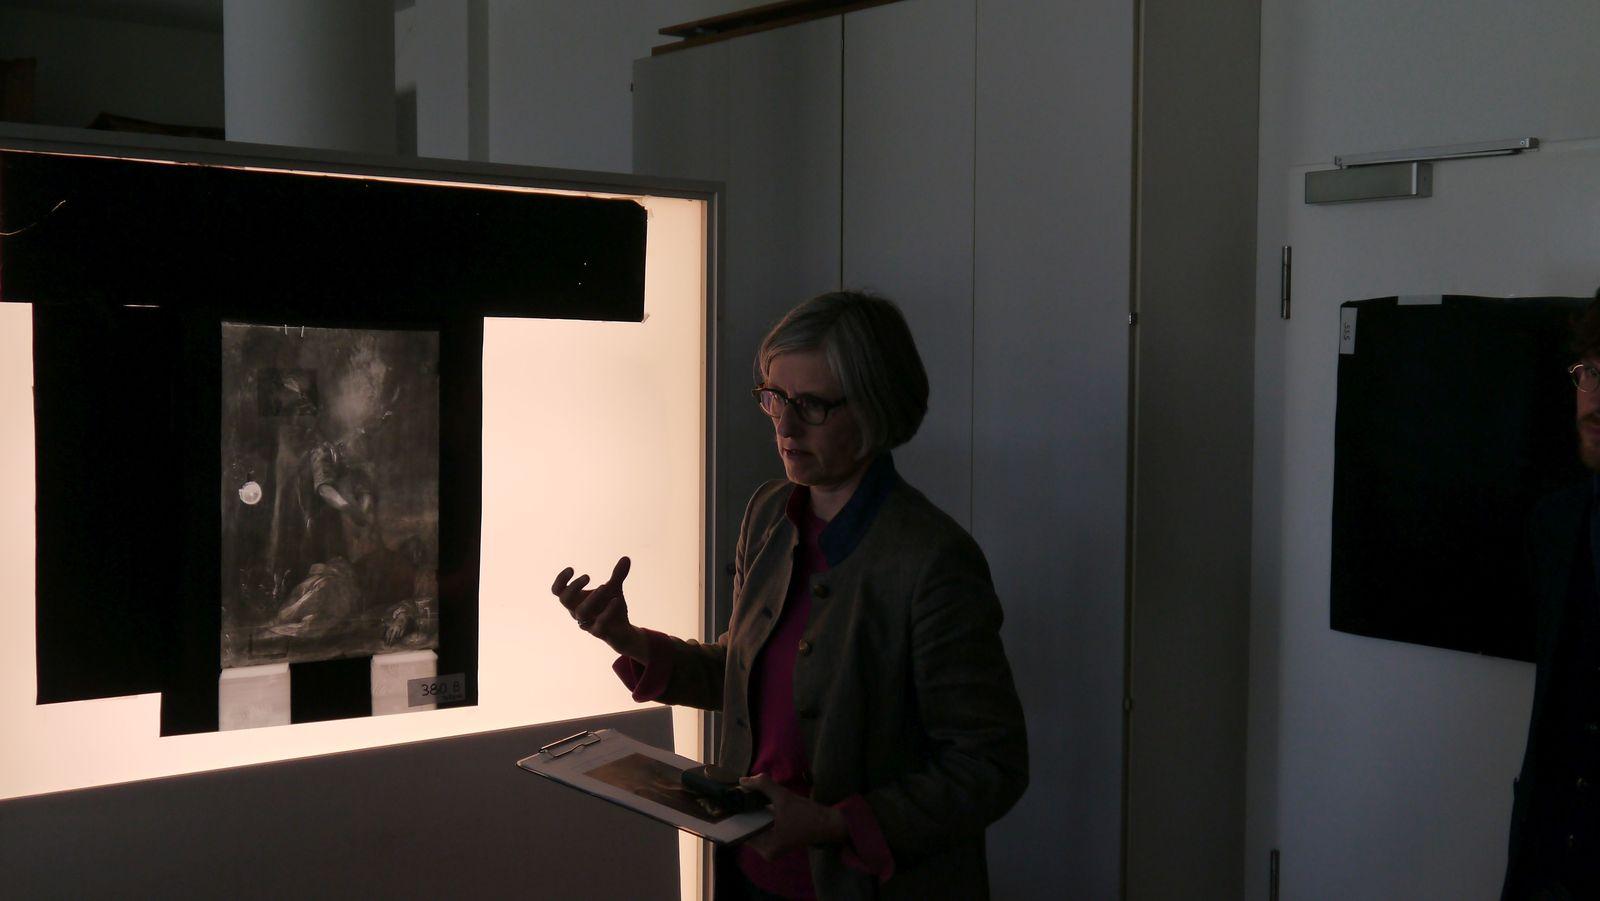 """""""Bei der Überprüfung einer Röntgenaufnahme des Bildes entdeckten wir eine Fehlstelle"""", erklärt die Leiterin der Restaurierungswerkstatt, Babette Hartwieg, """"dabei handelte es sich um ein Schlüsselloch.""""  Foto: SMB / Sven Stienen"""